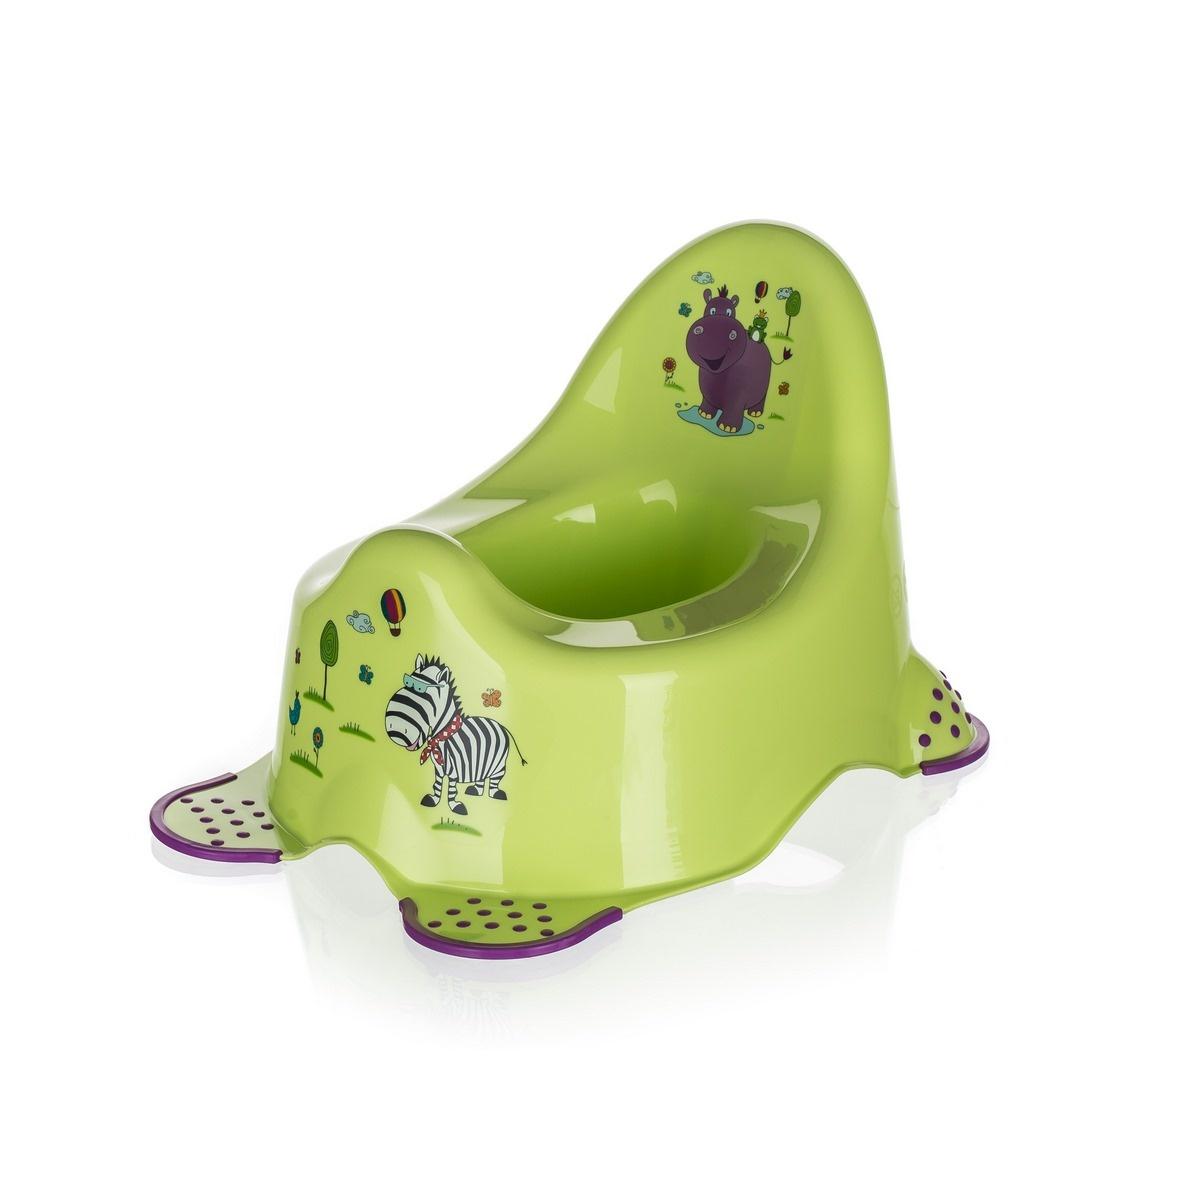 Oală de noapte Keeper Hippo, verde imagine 2021 e4home.ro